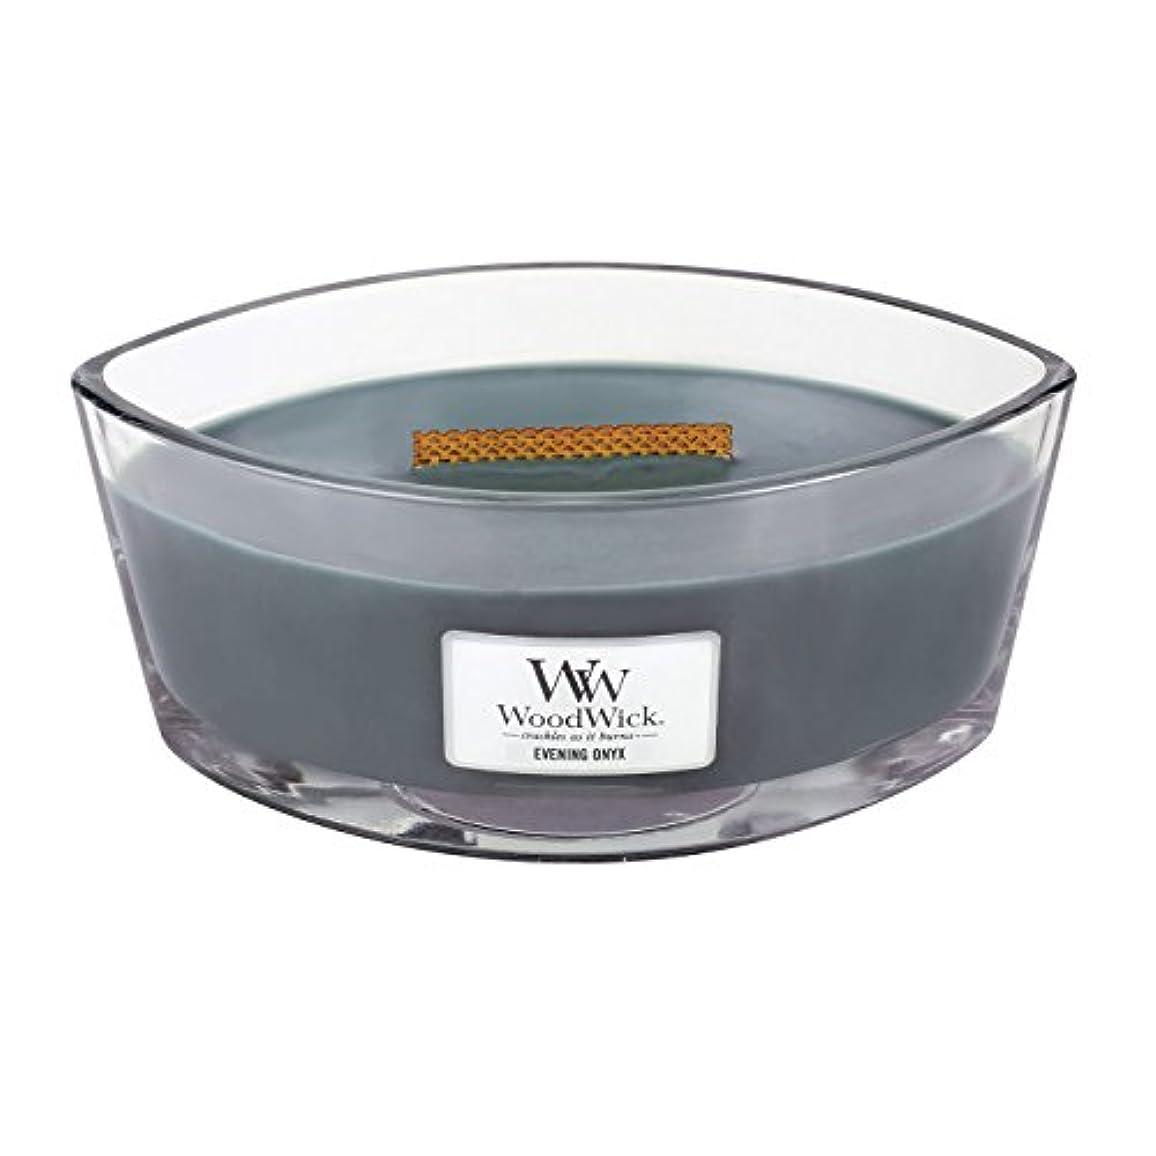 量でよろめく傭兵WoodWick EVENING ONYX, Highly Scented Candle, Ellipse Glass Jar with Original HearthWick Flame, Large 18cm, 470ml